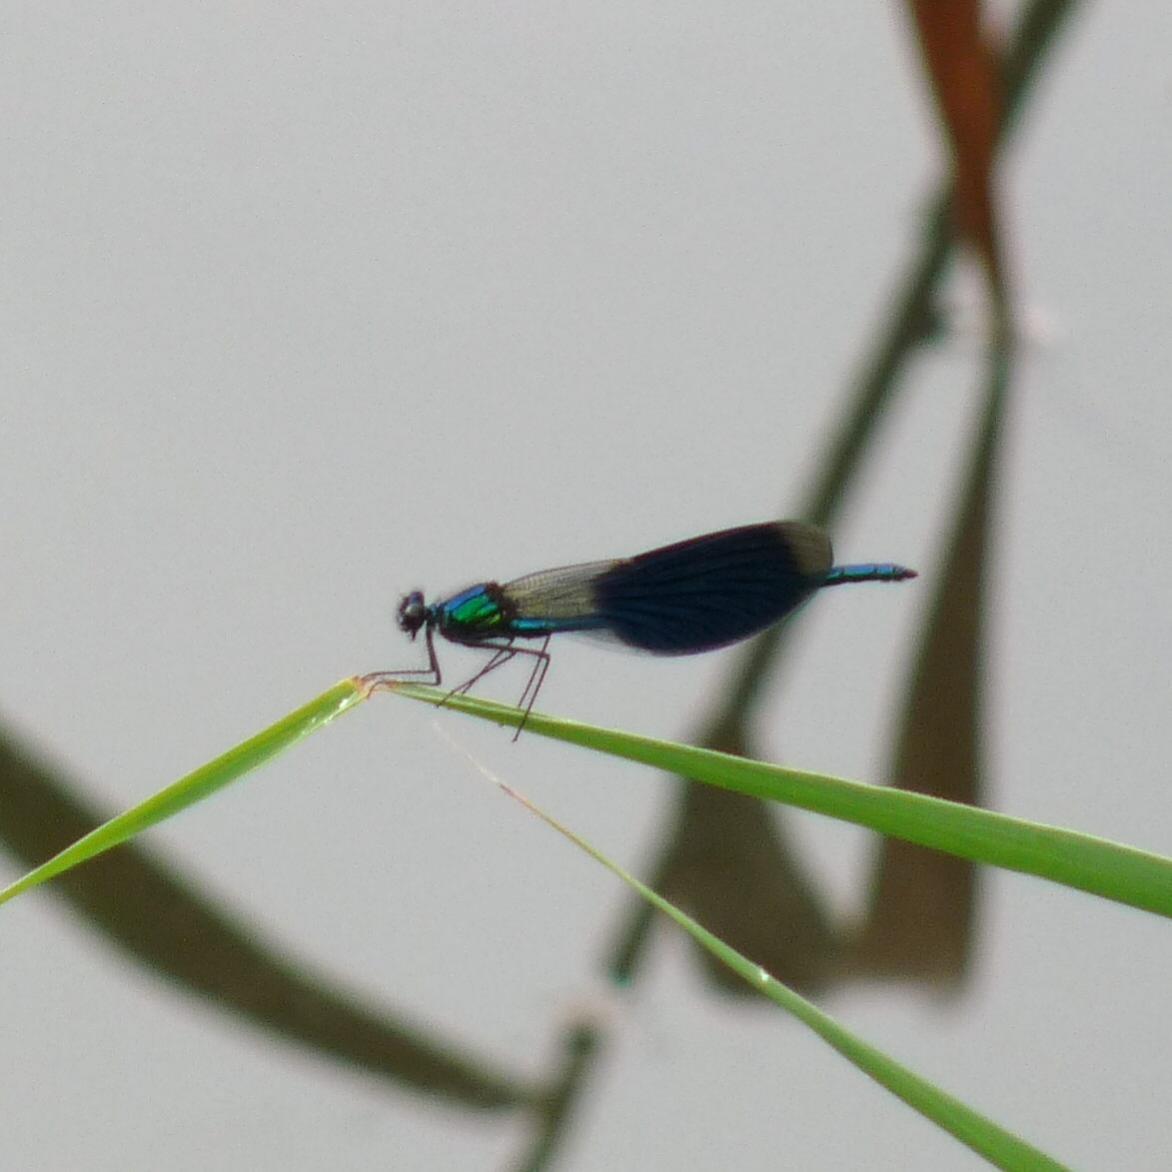 Klicke auf die Grafik für eine größere Ansicht  Name:Libelle - Gebänderte Prachtlibelle 1.jpg Hits:934 Größe:80,6 KB ID:1960